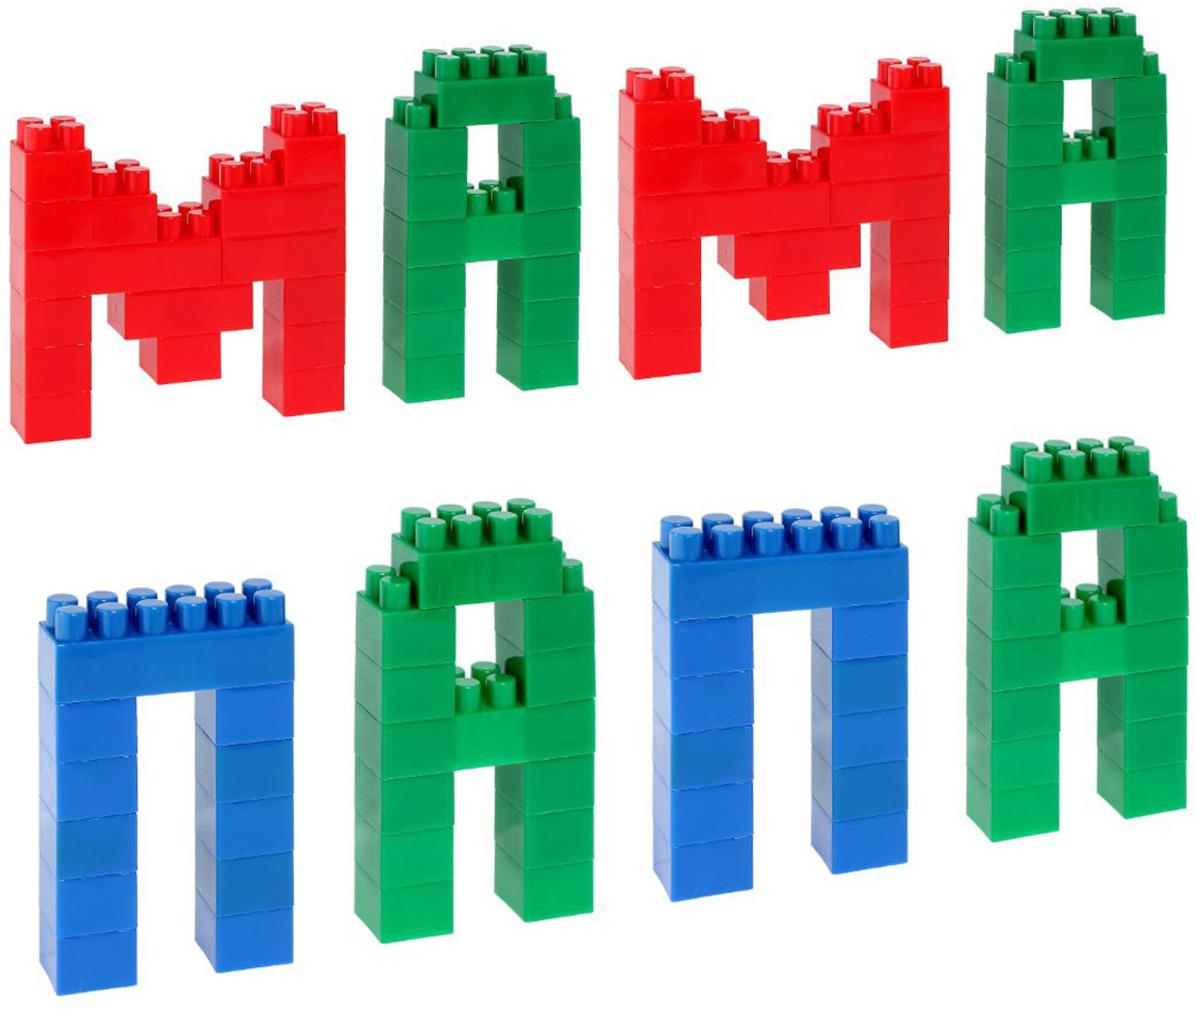 Конструктор Unicon, универсальный, 1200563, 120 элементов1200563Конструктор - одна из лучших развивающих игрушек для детей. Ребёнок, словно творец, создаёт из разных элементов невиданных животных, строит небывалые замки и города, рушит и изменят их к лучшему! Чем больше деталей в конструкторе, тем выше полёт фантазии!